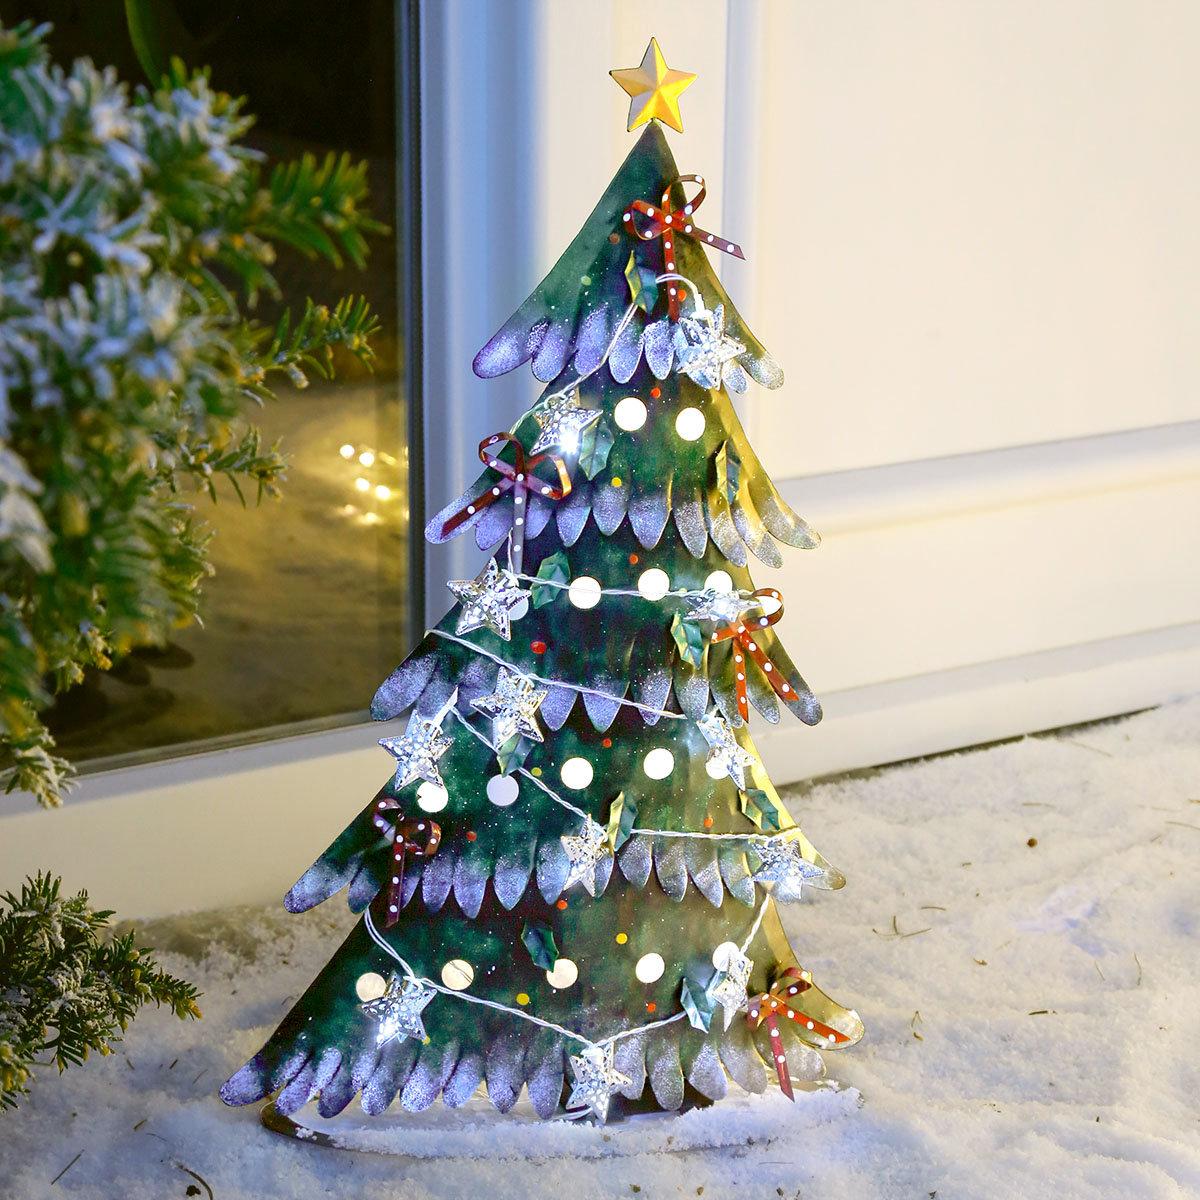 LED-Weihnachtsbaum Leuchtende Weihnacht | #2